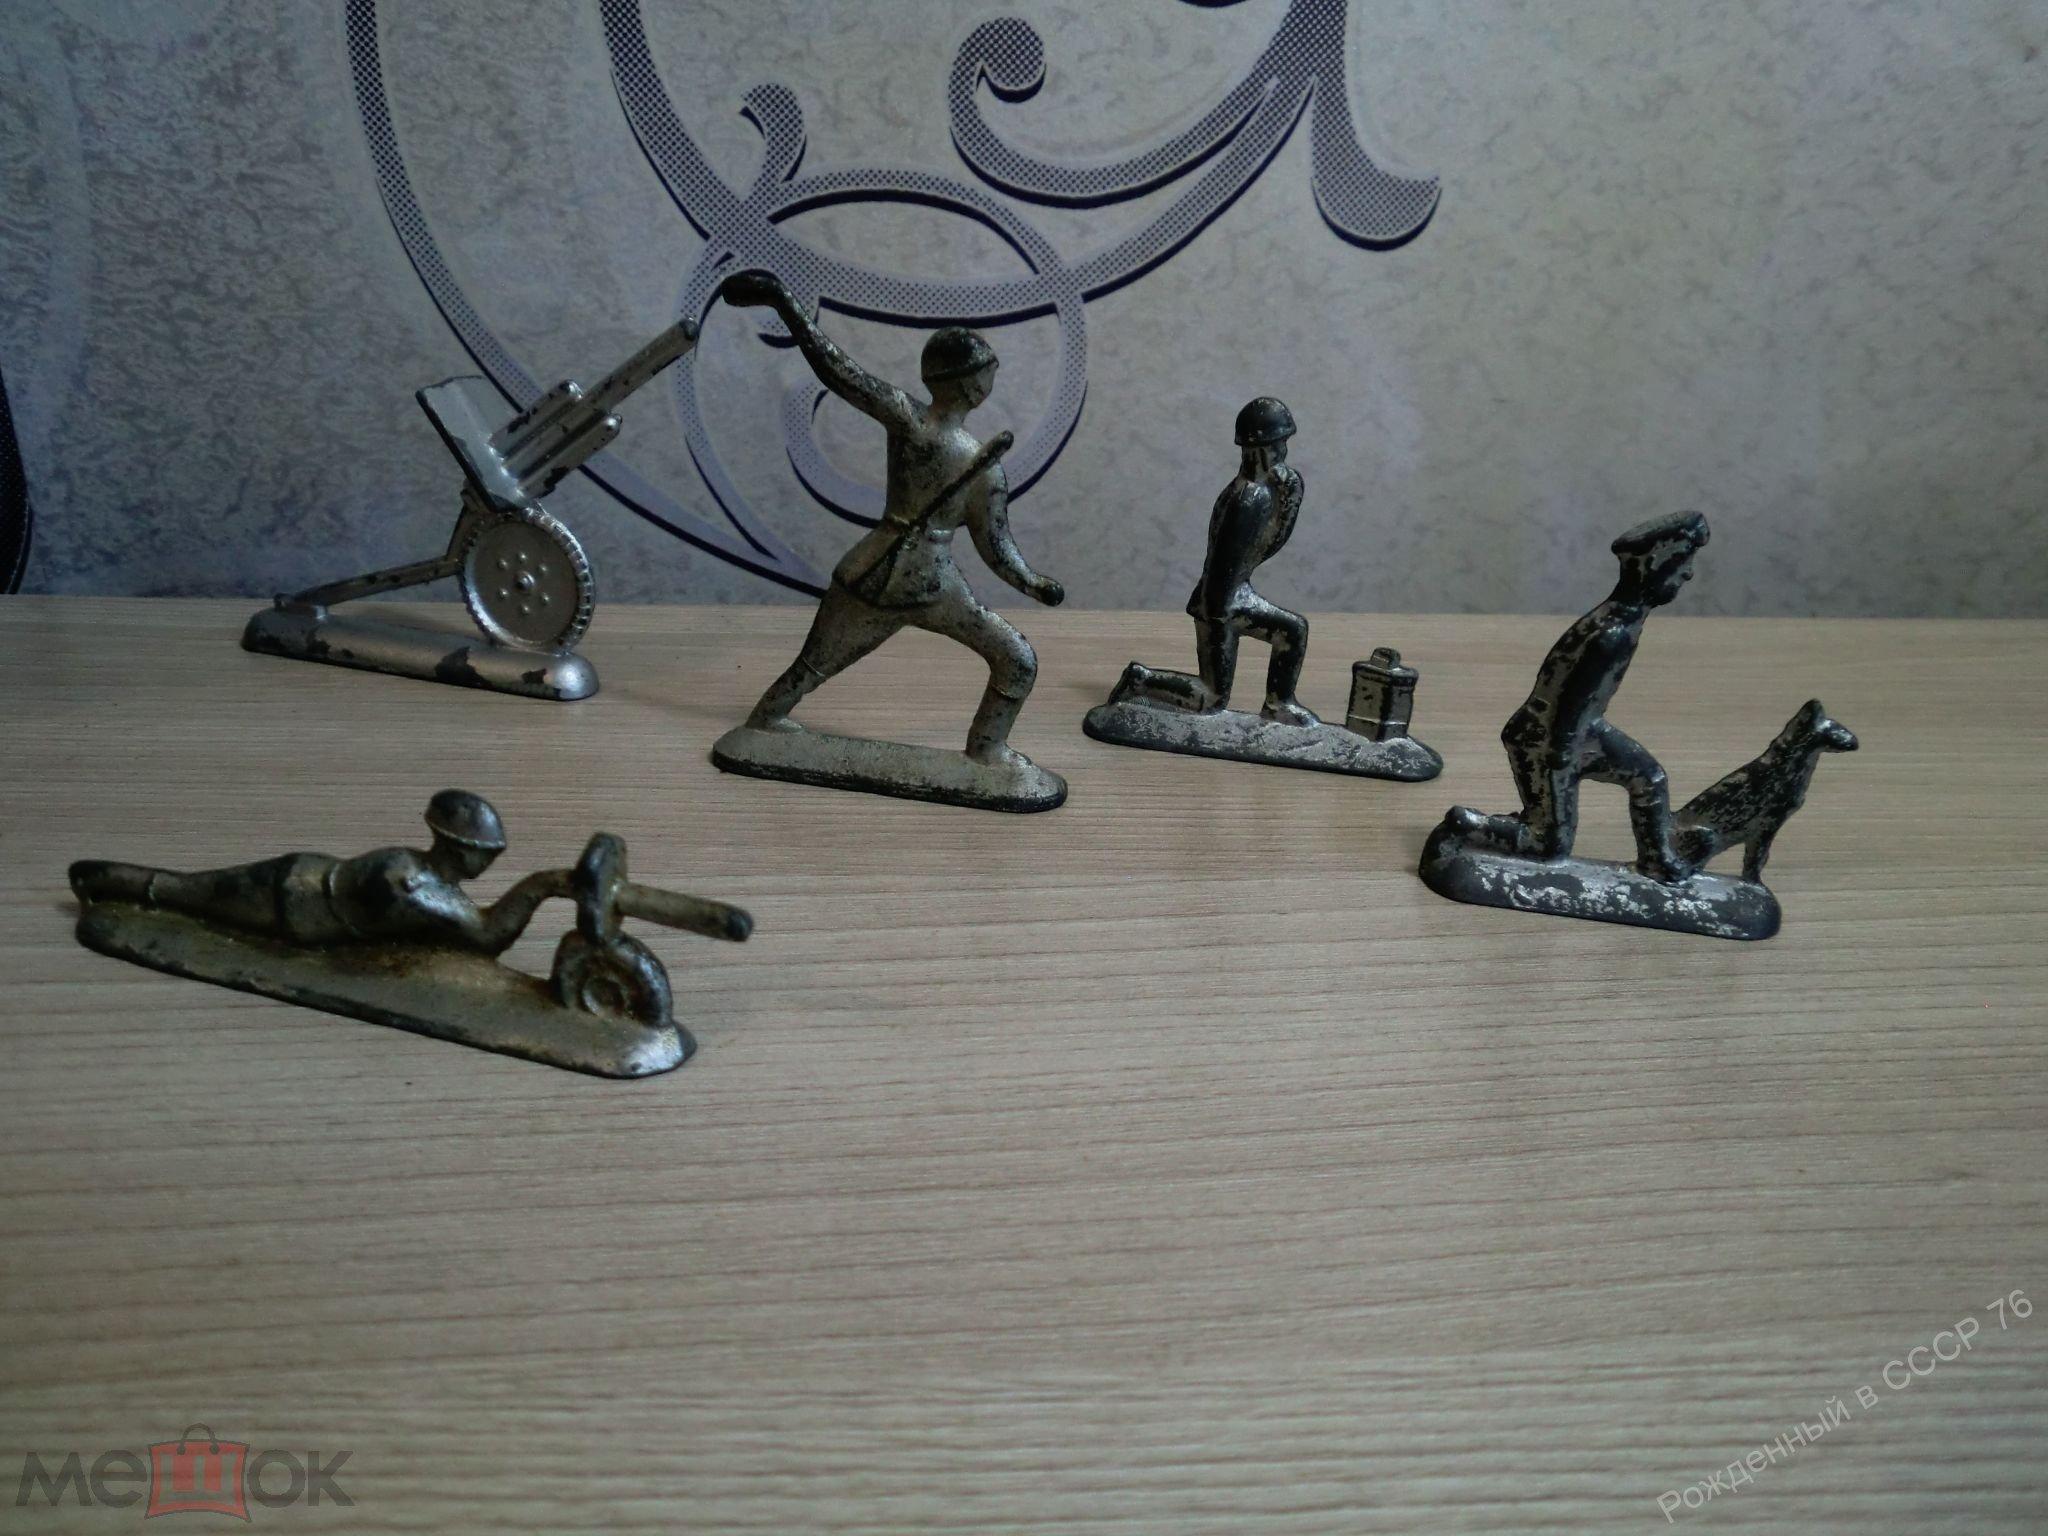 Оловянные солдатики . 5 шт одним лотом. Радист, пограничник с собакой,пушка. Времен СССР.